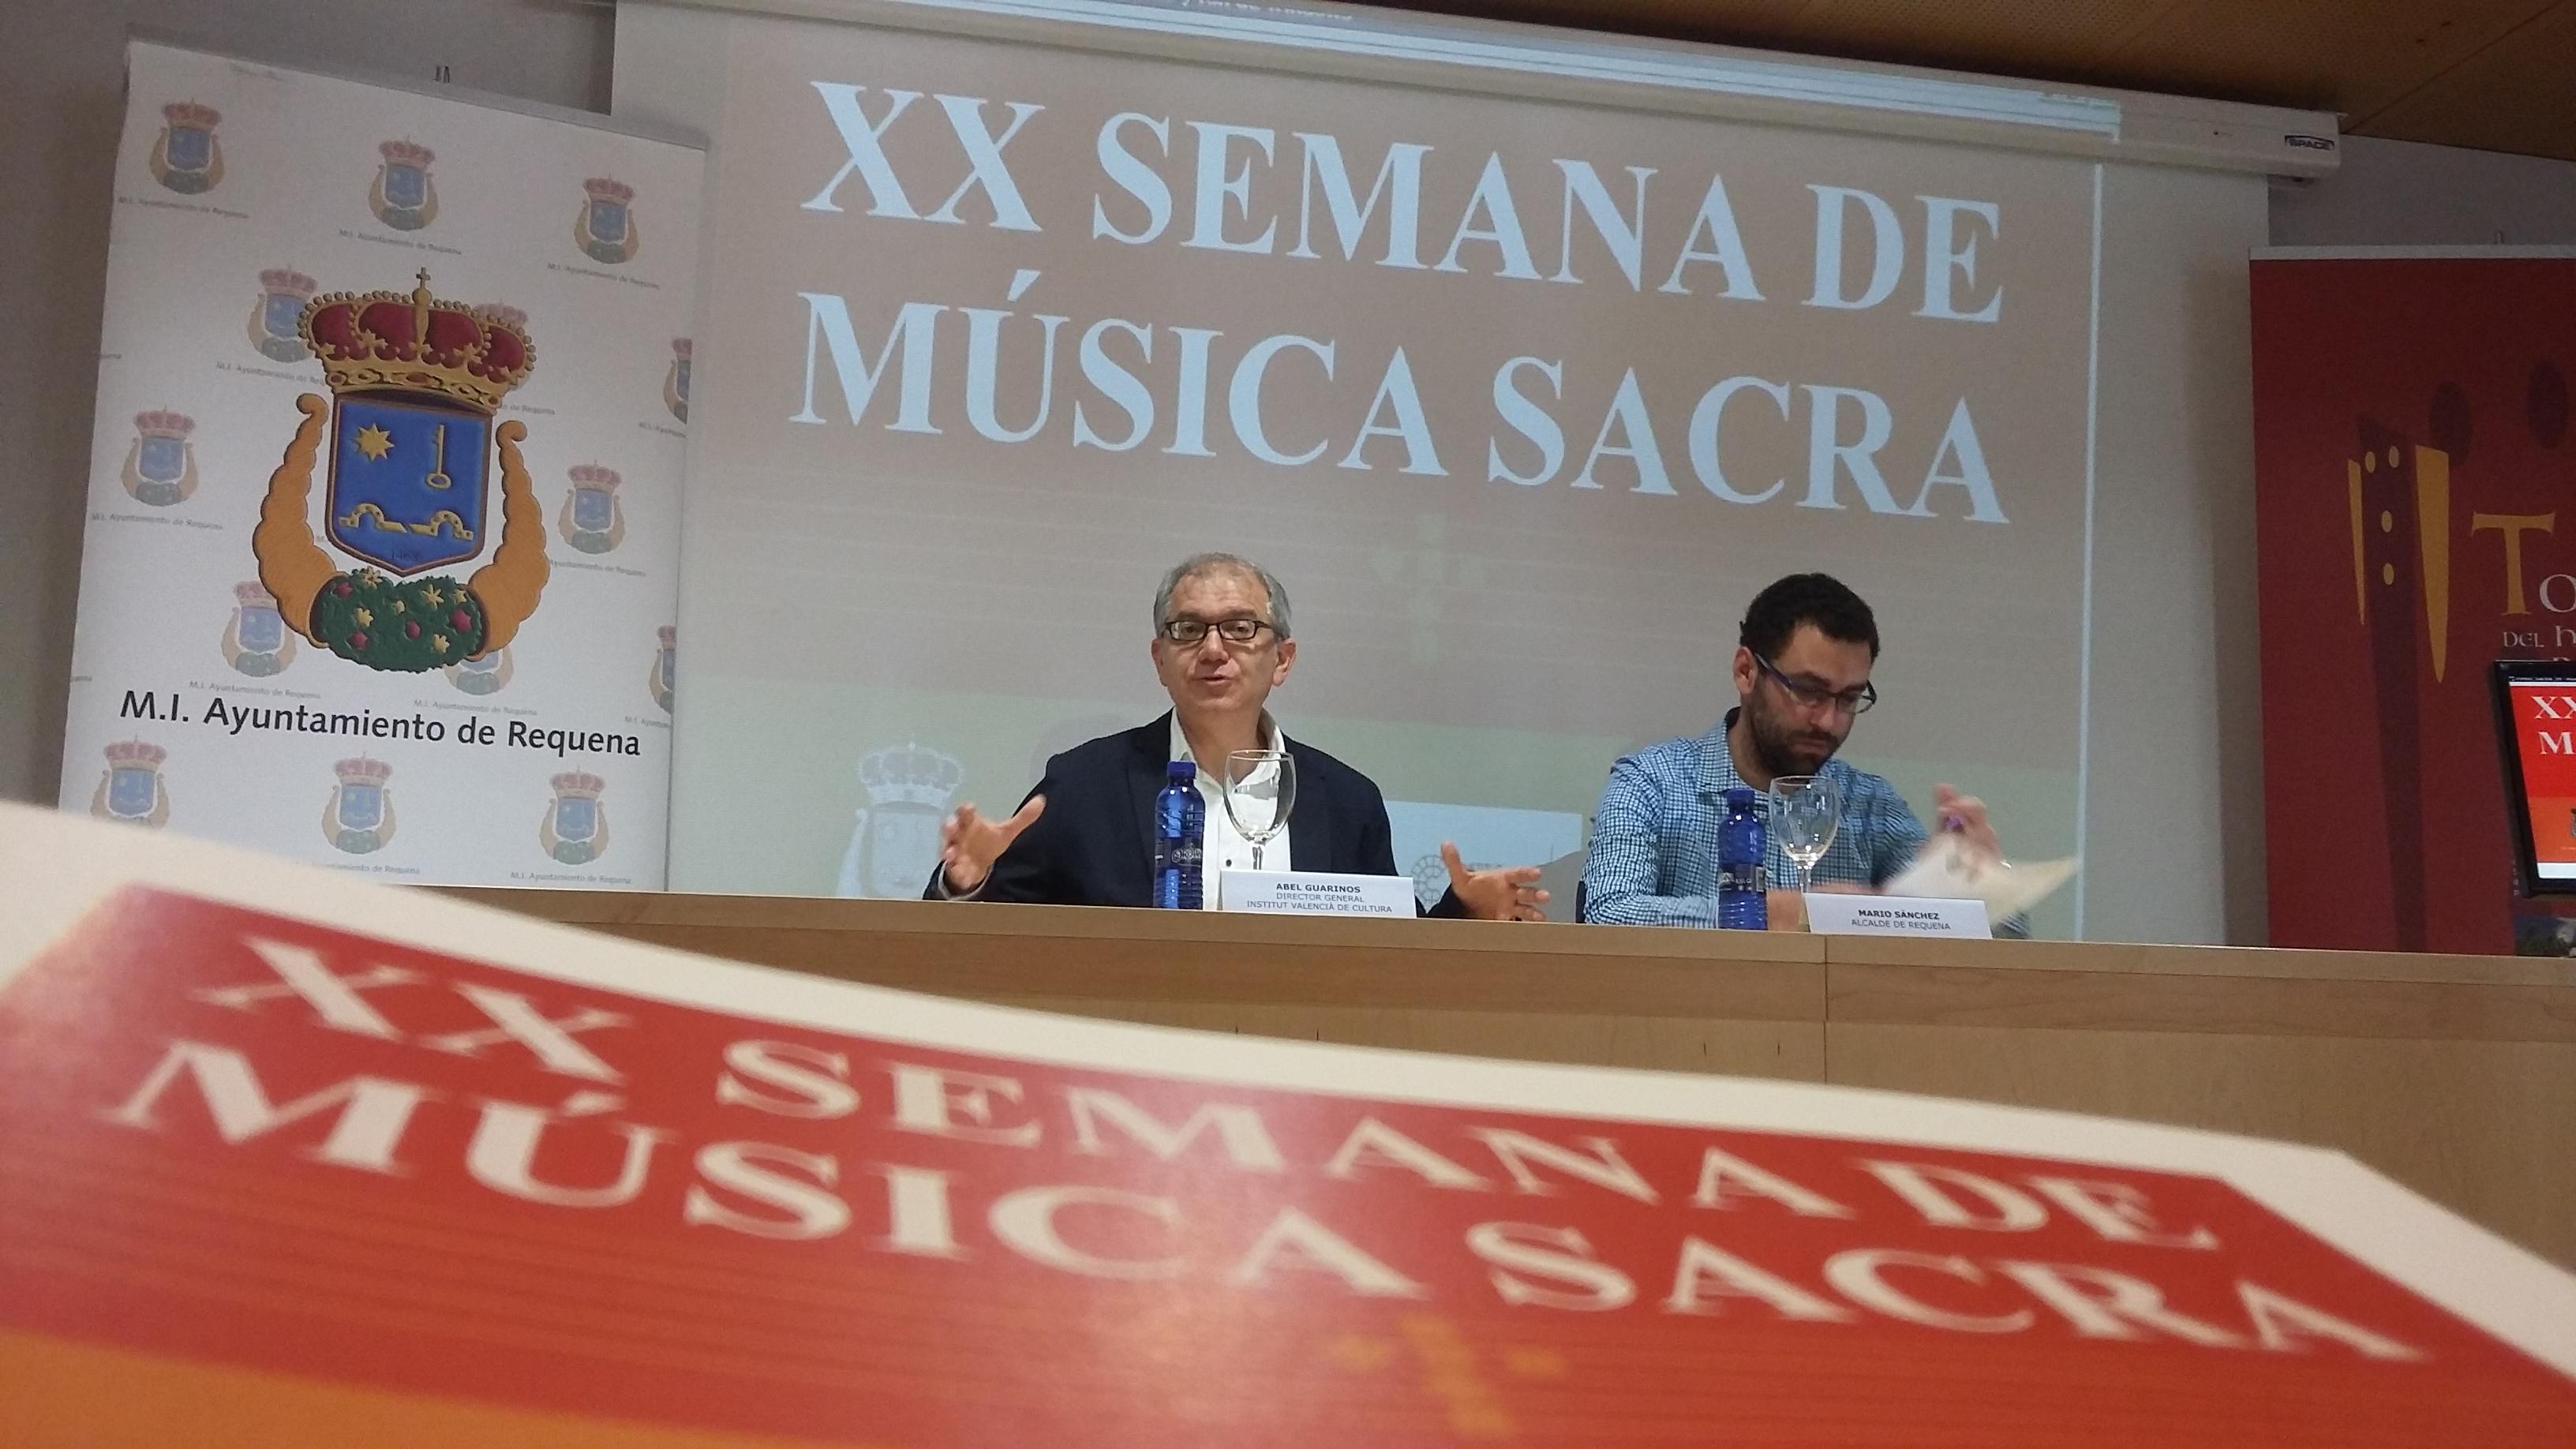 El Director general de Cultura y el alcalde durante la presentación.